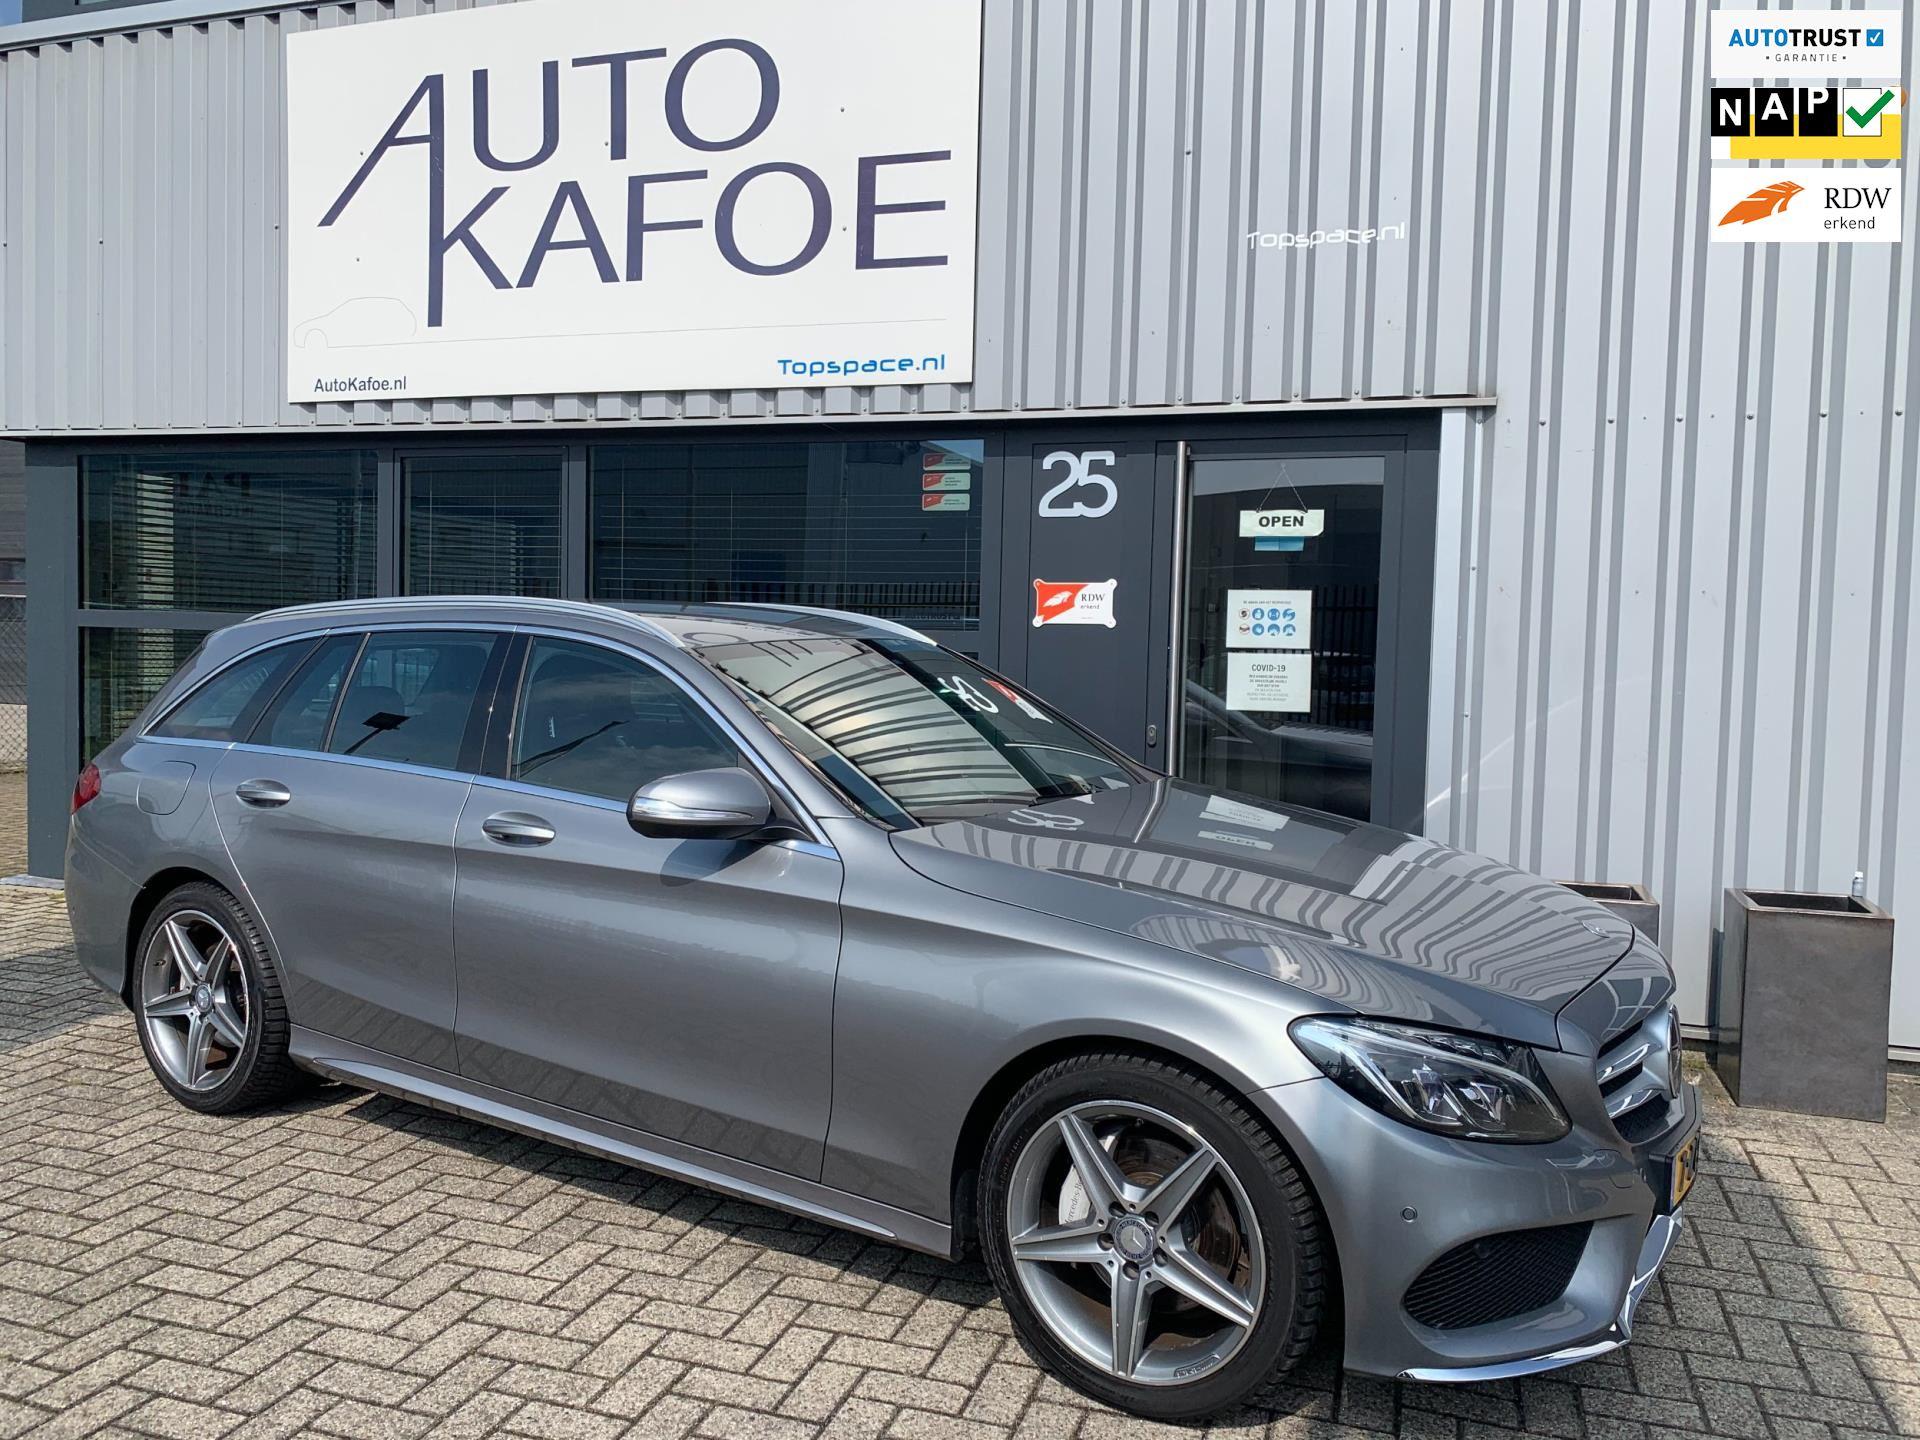 Mercedes-Benz C 180 Estate occasion - AutoKafoe v.o.f.